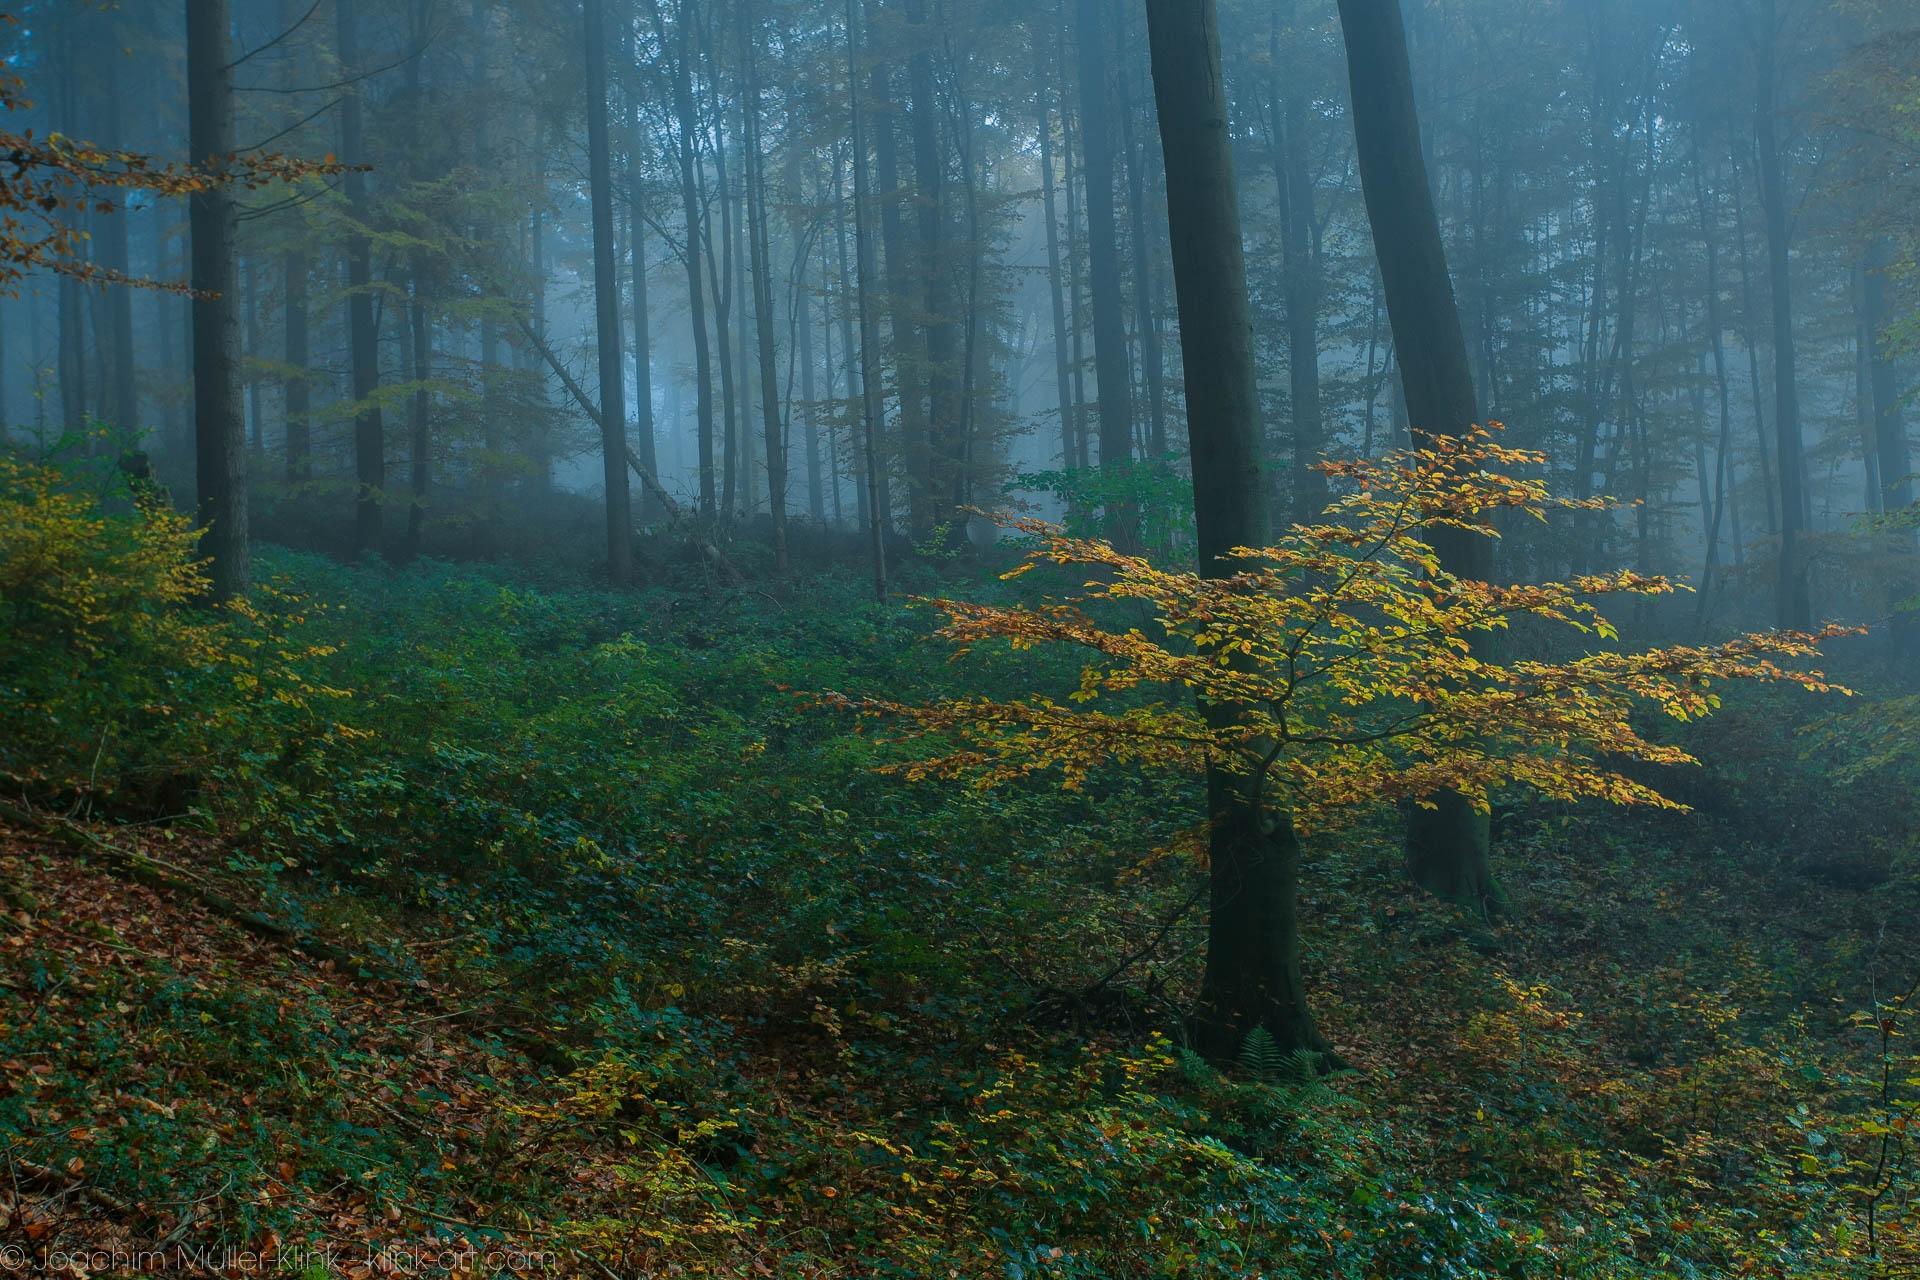 Lichtung im herbstlichen Buchenwald - Glade in autumnal beech tree forest